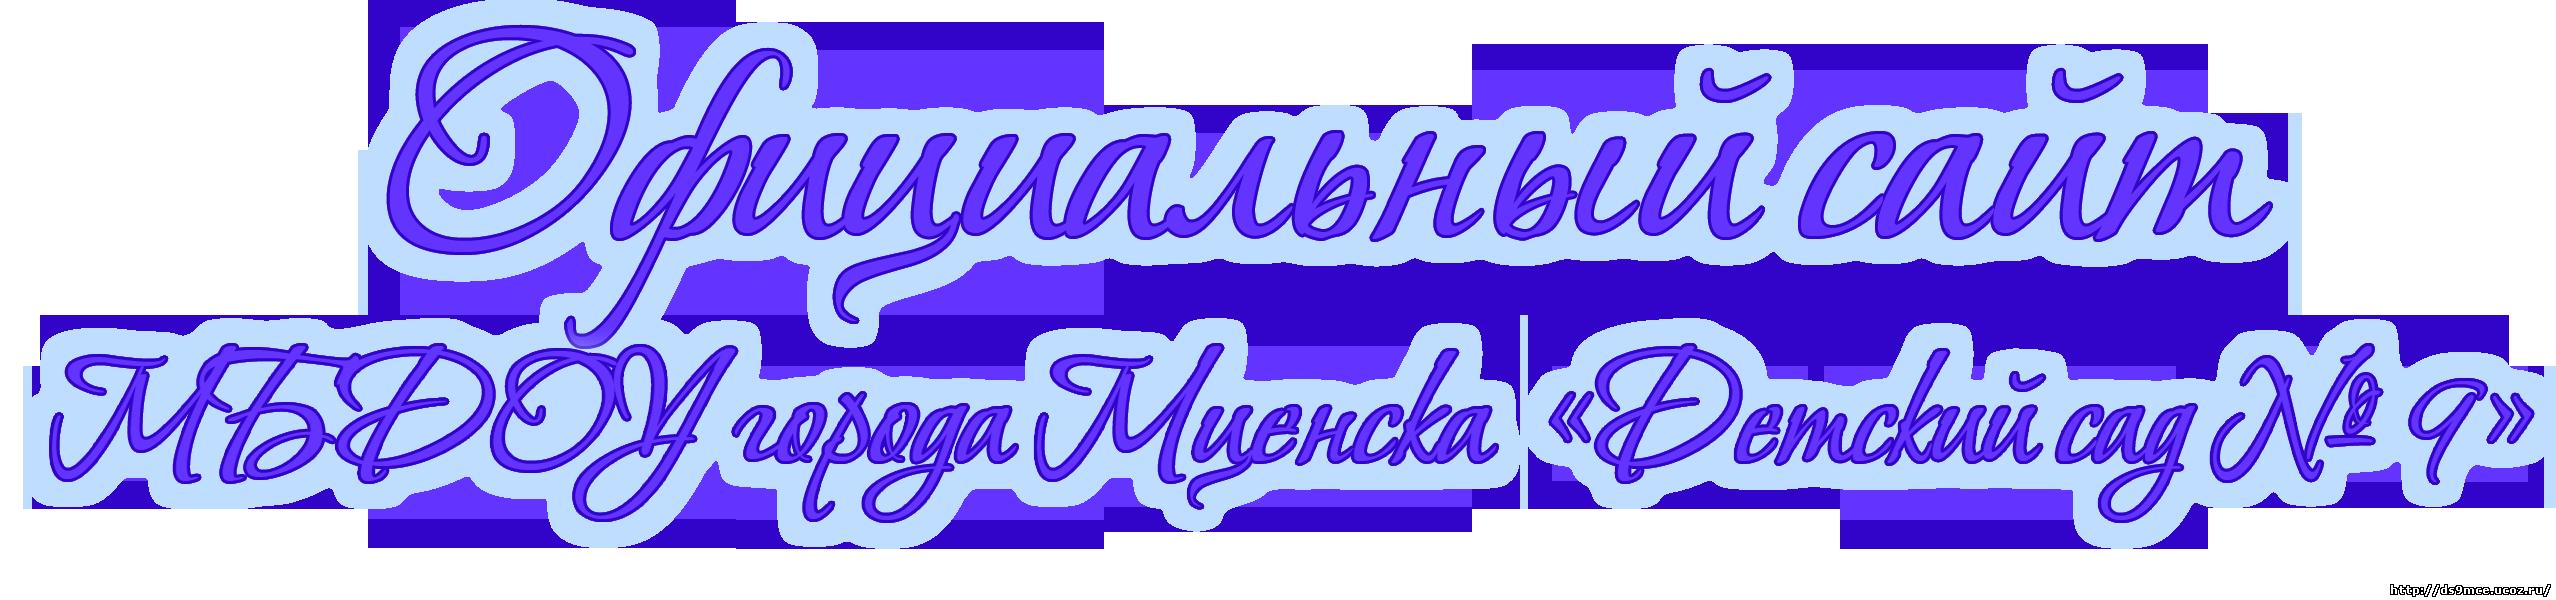 Официальный сайт МБДОУ детский сад комбинированного вида № 9 города Мценска